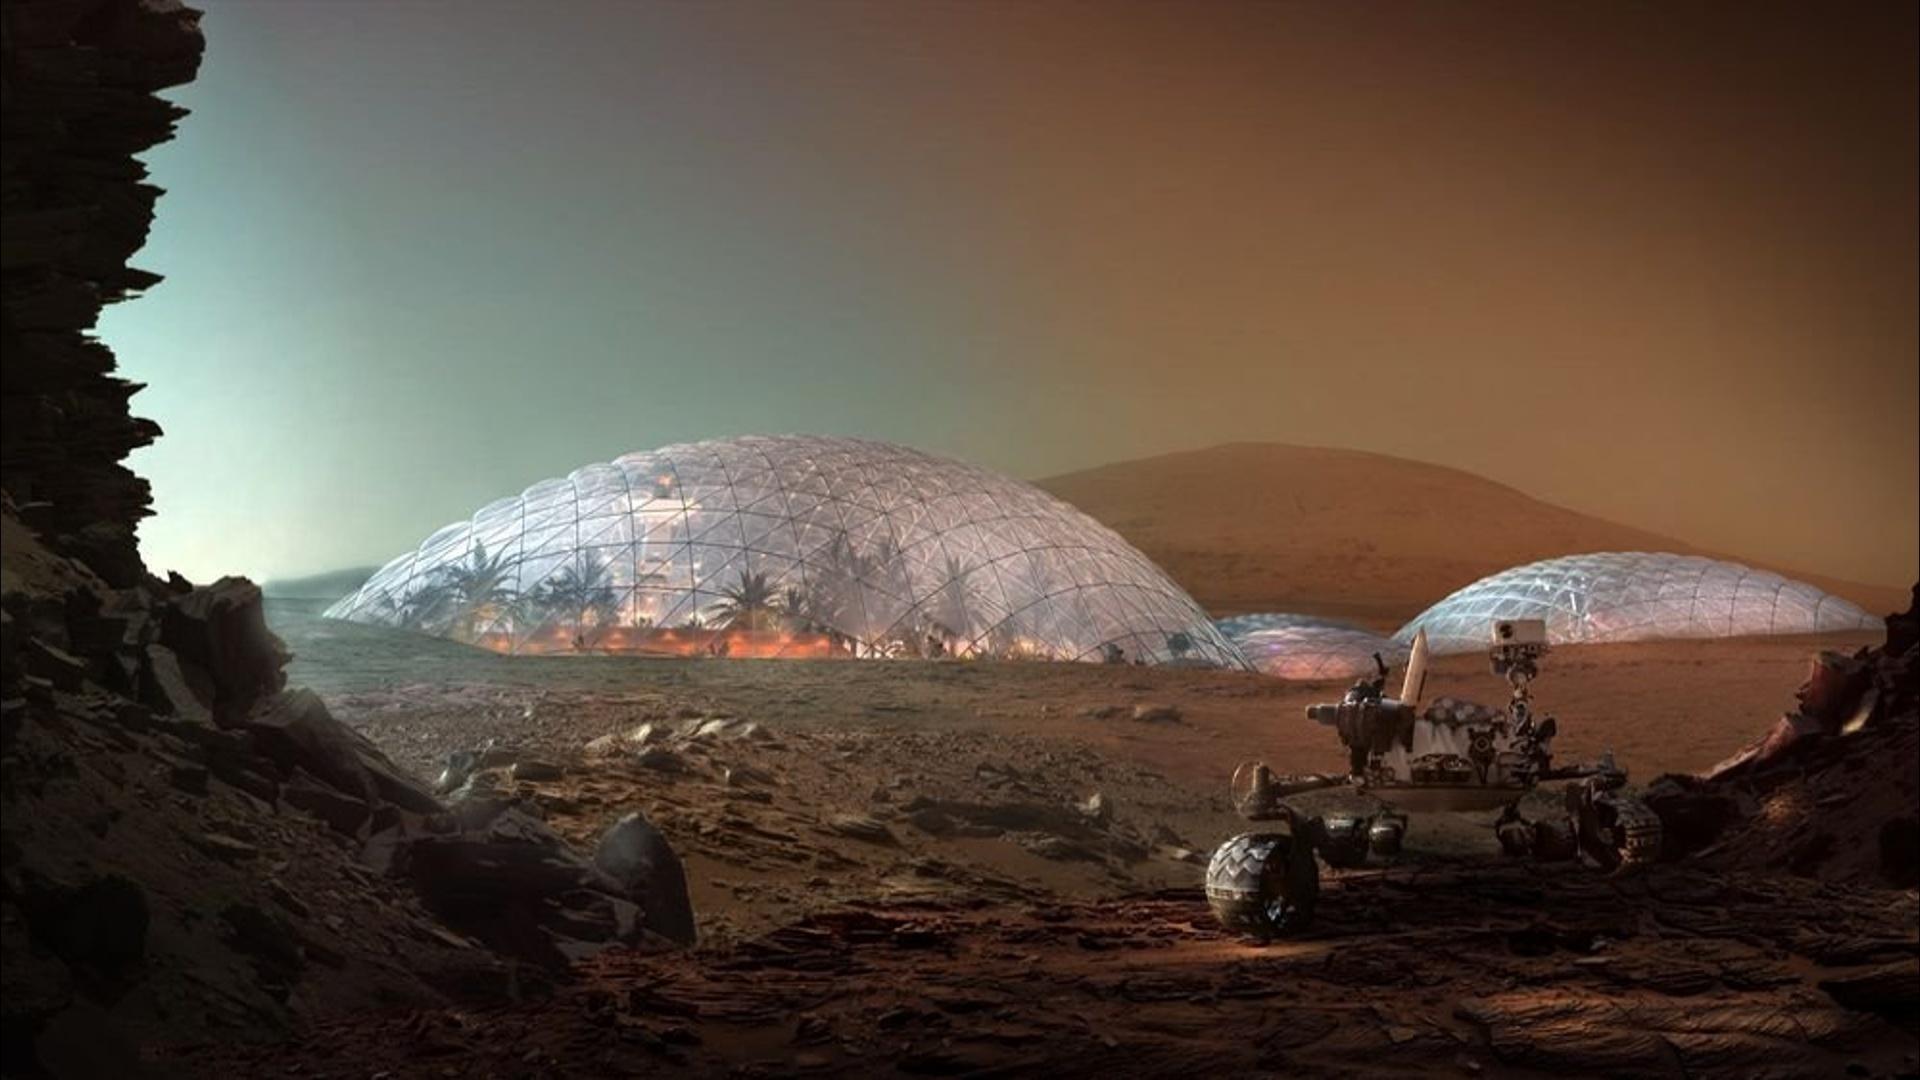 Marsda şəhər salınması planlaşdırılır